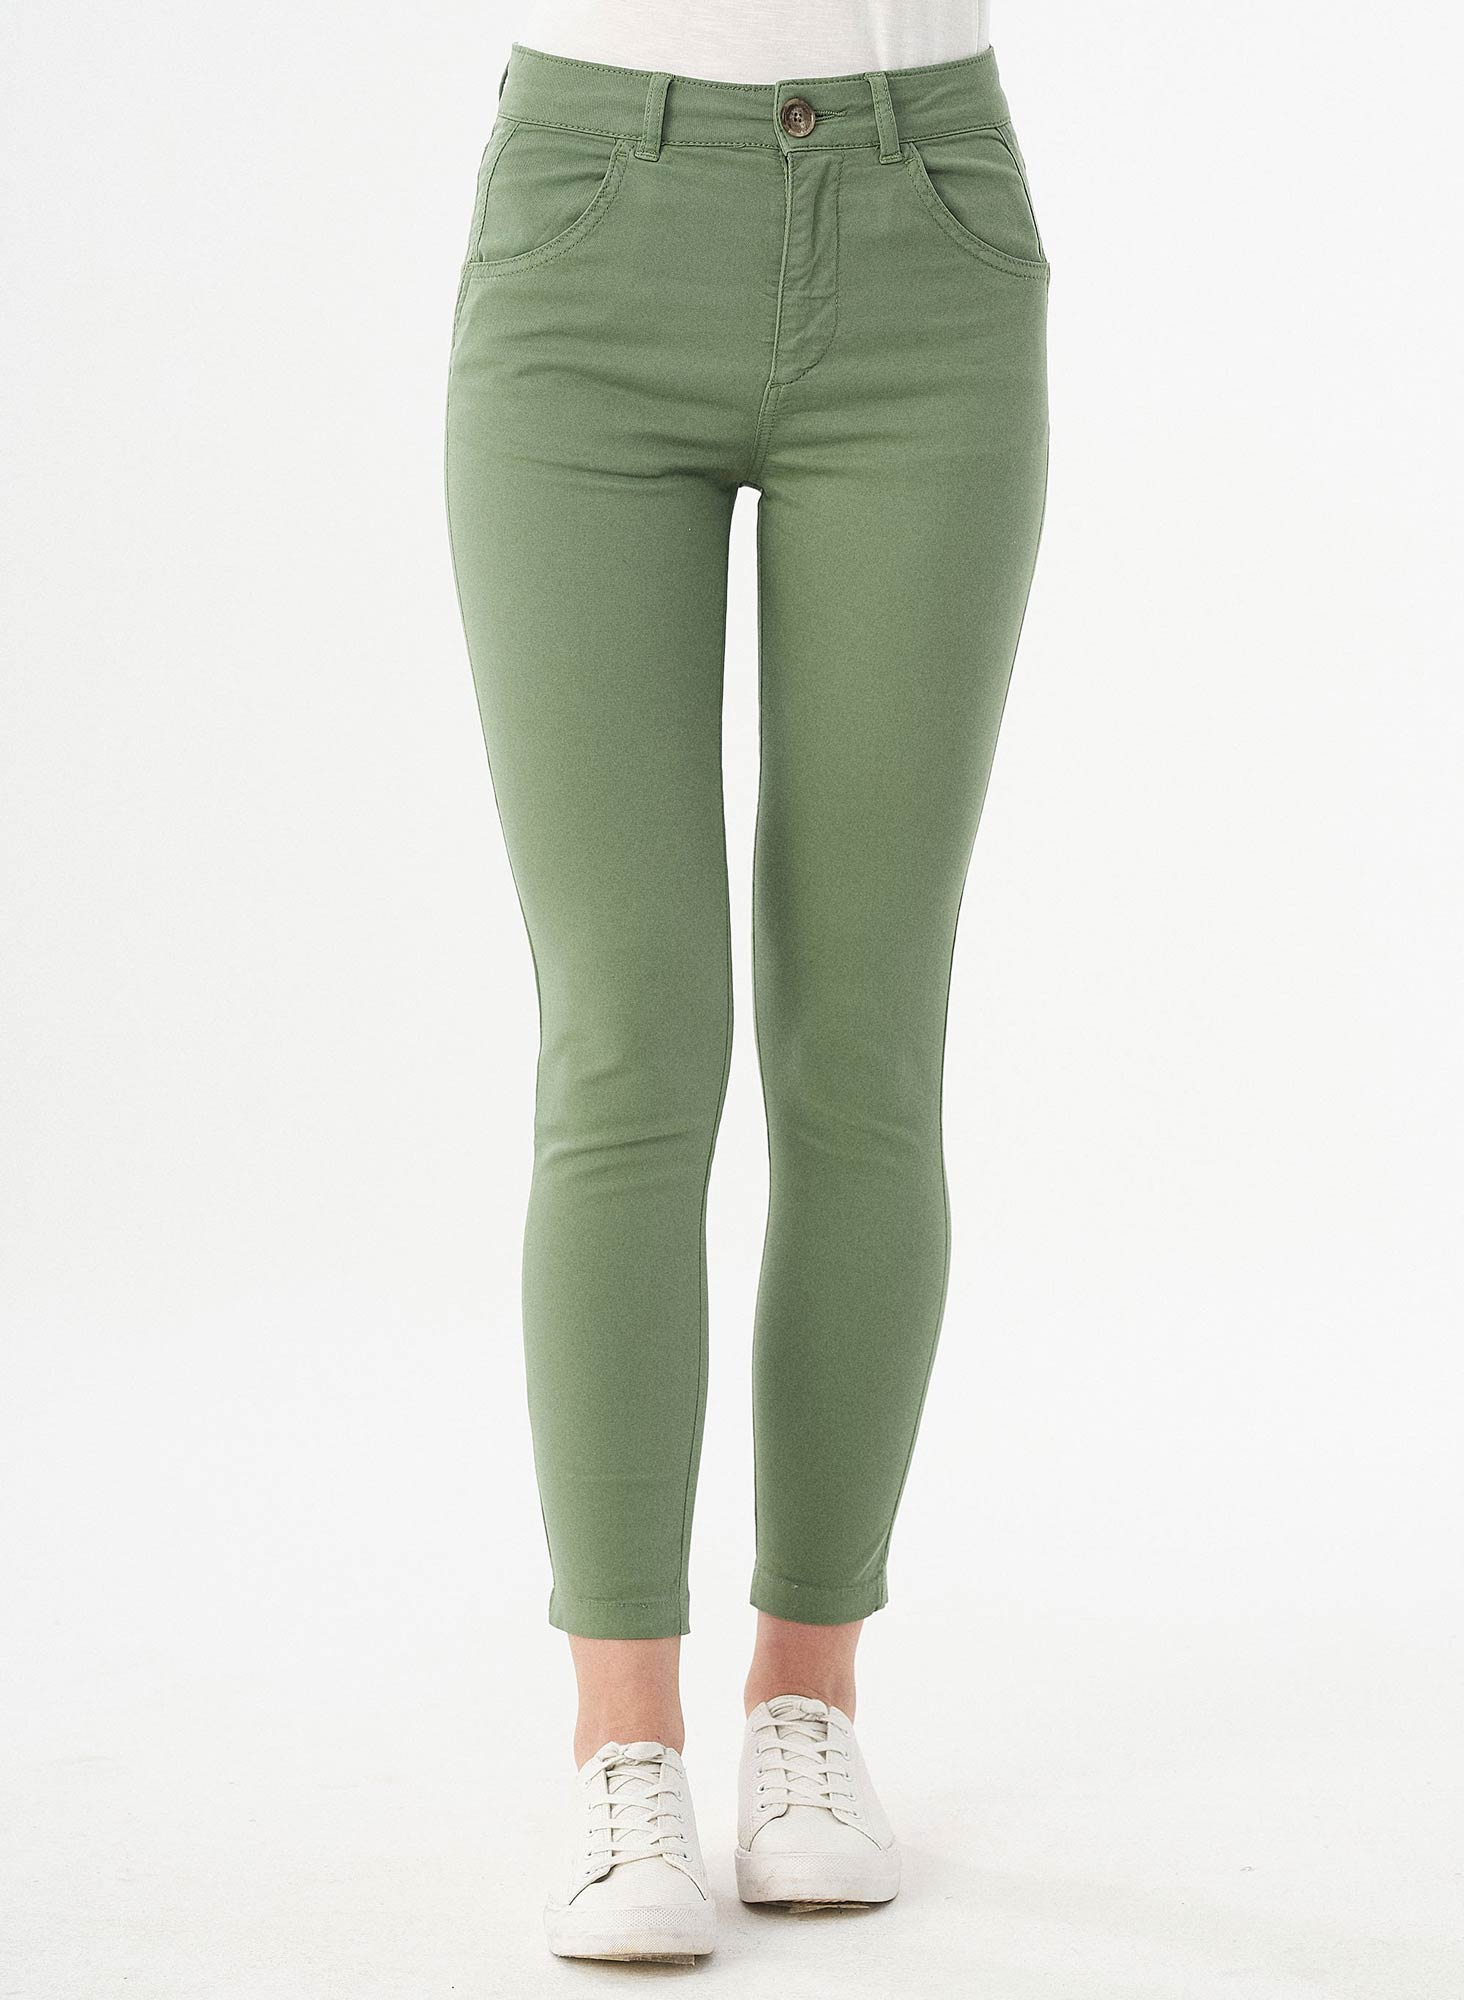 WOR11736-ferngreen-Damenhose-regular-fit-Seitentaschen-nachhaltige-Bio-Baumwolle-Elastan-oekofair